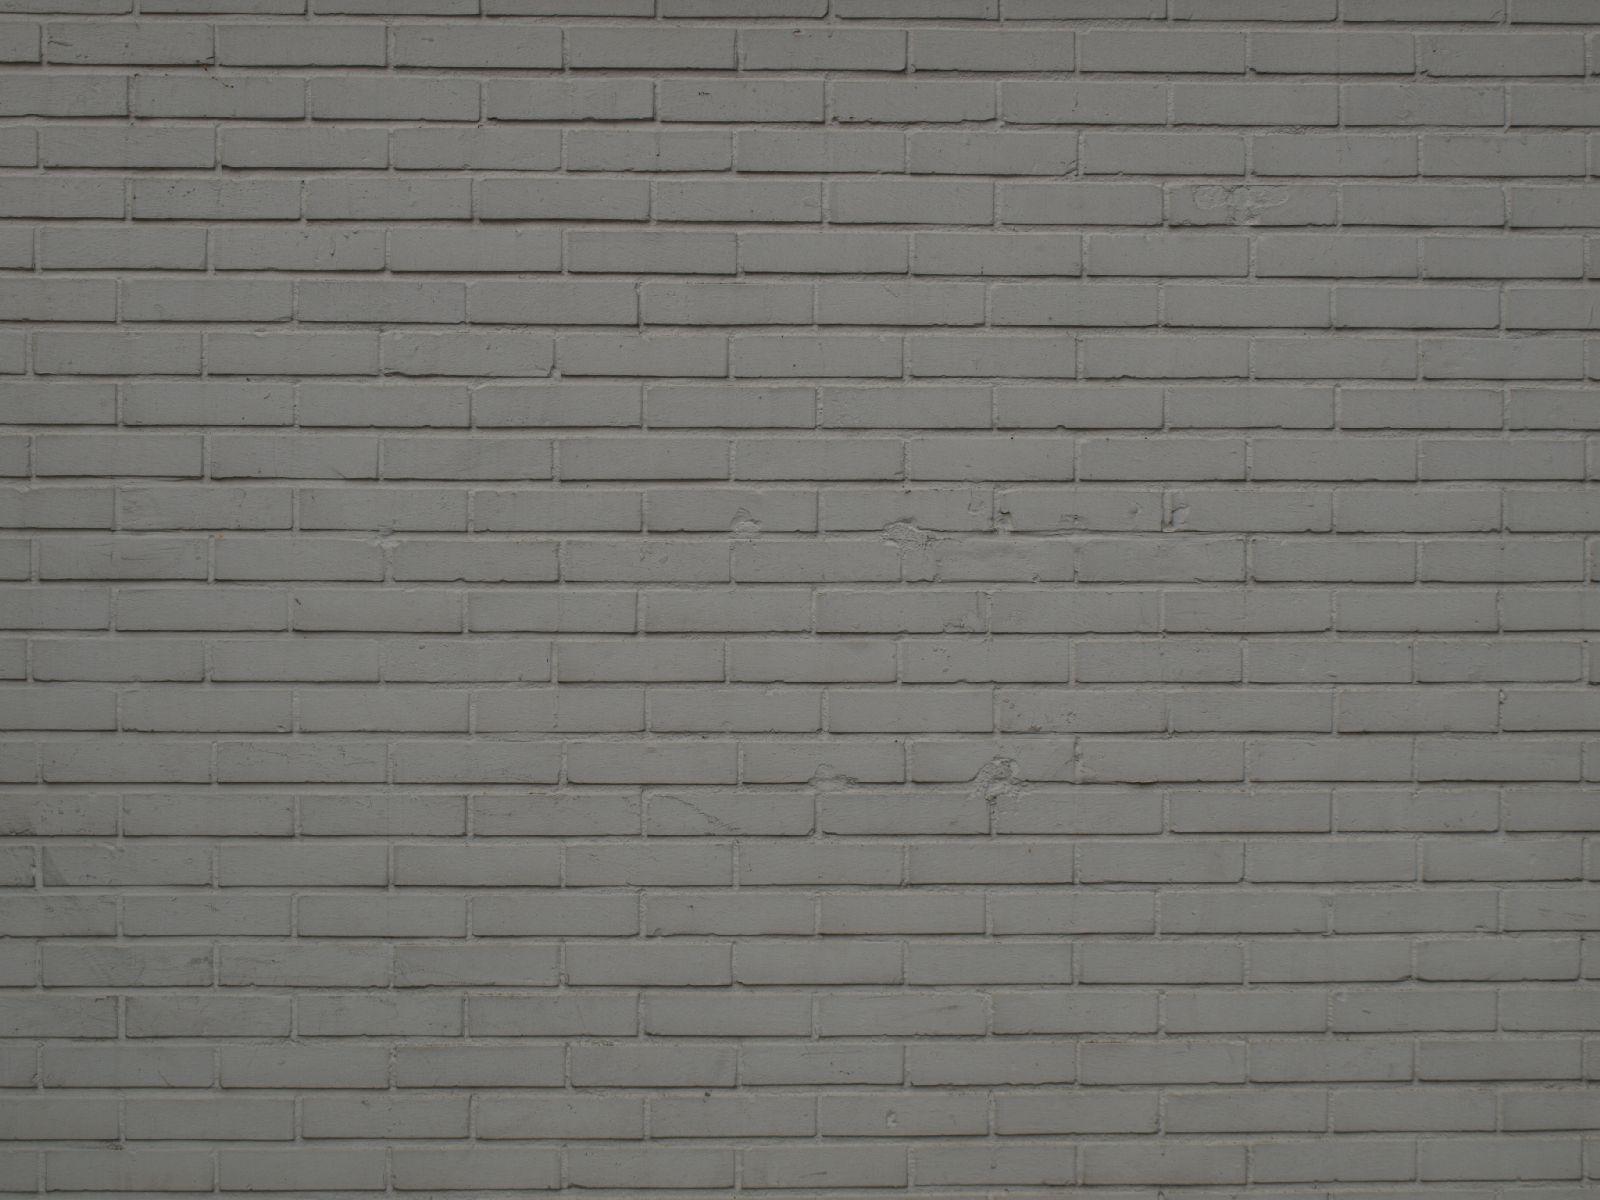 Brick_Texture_A_P8204496